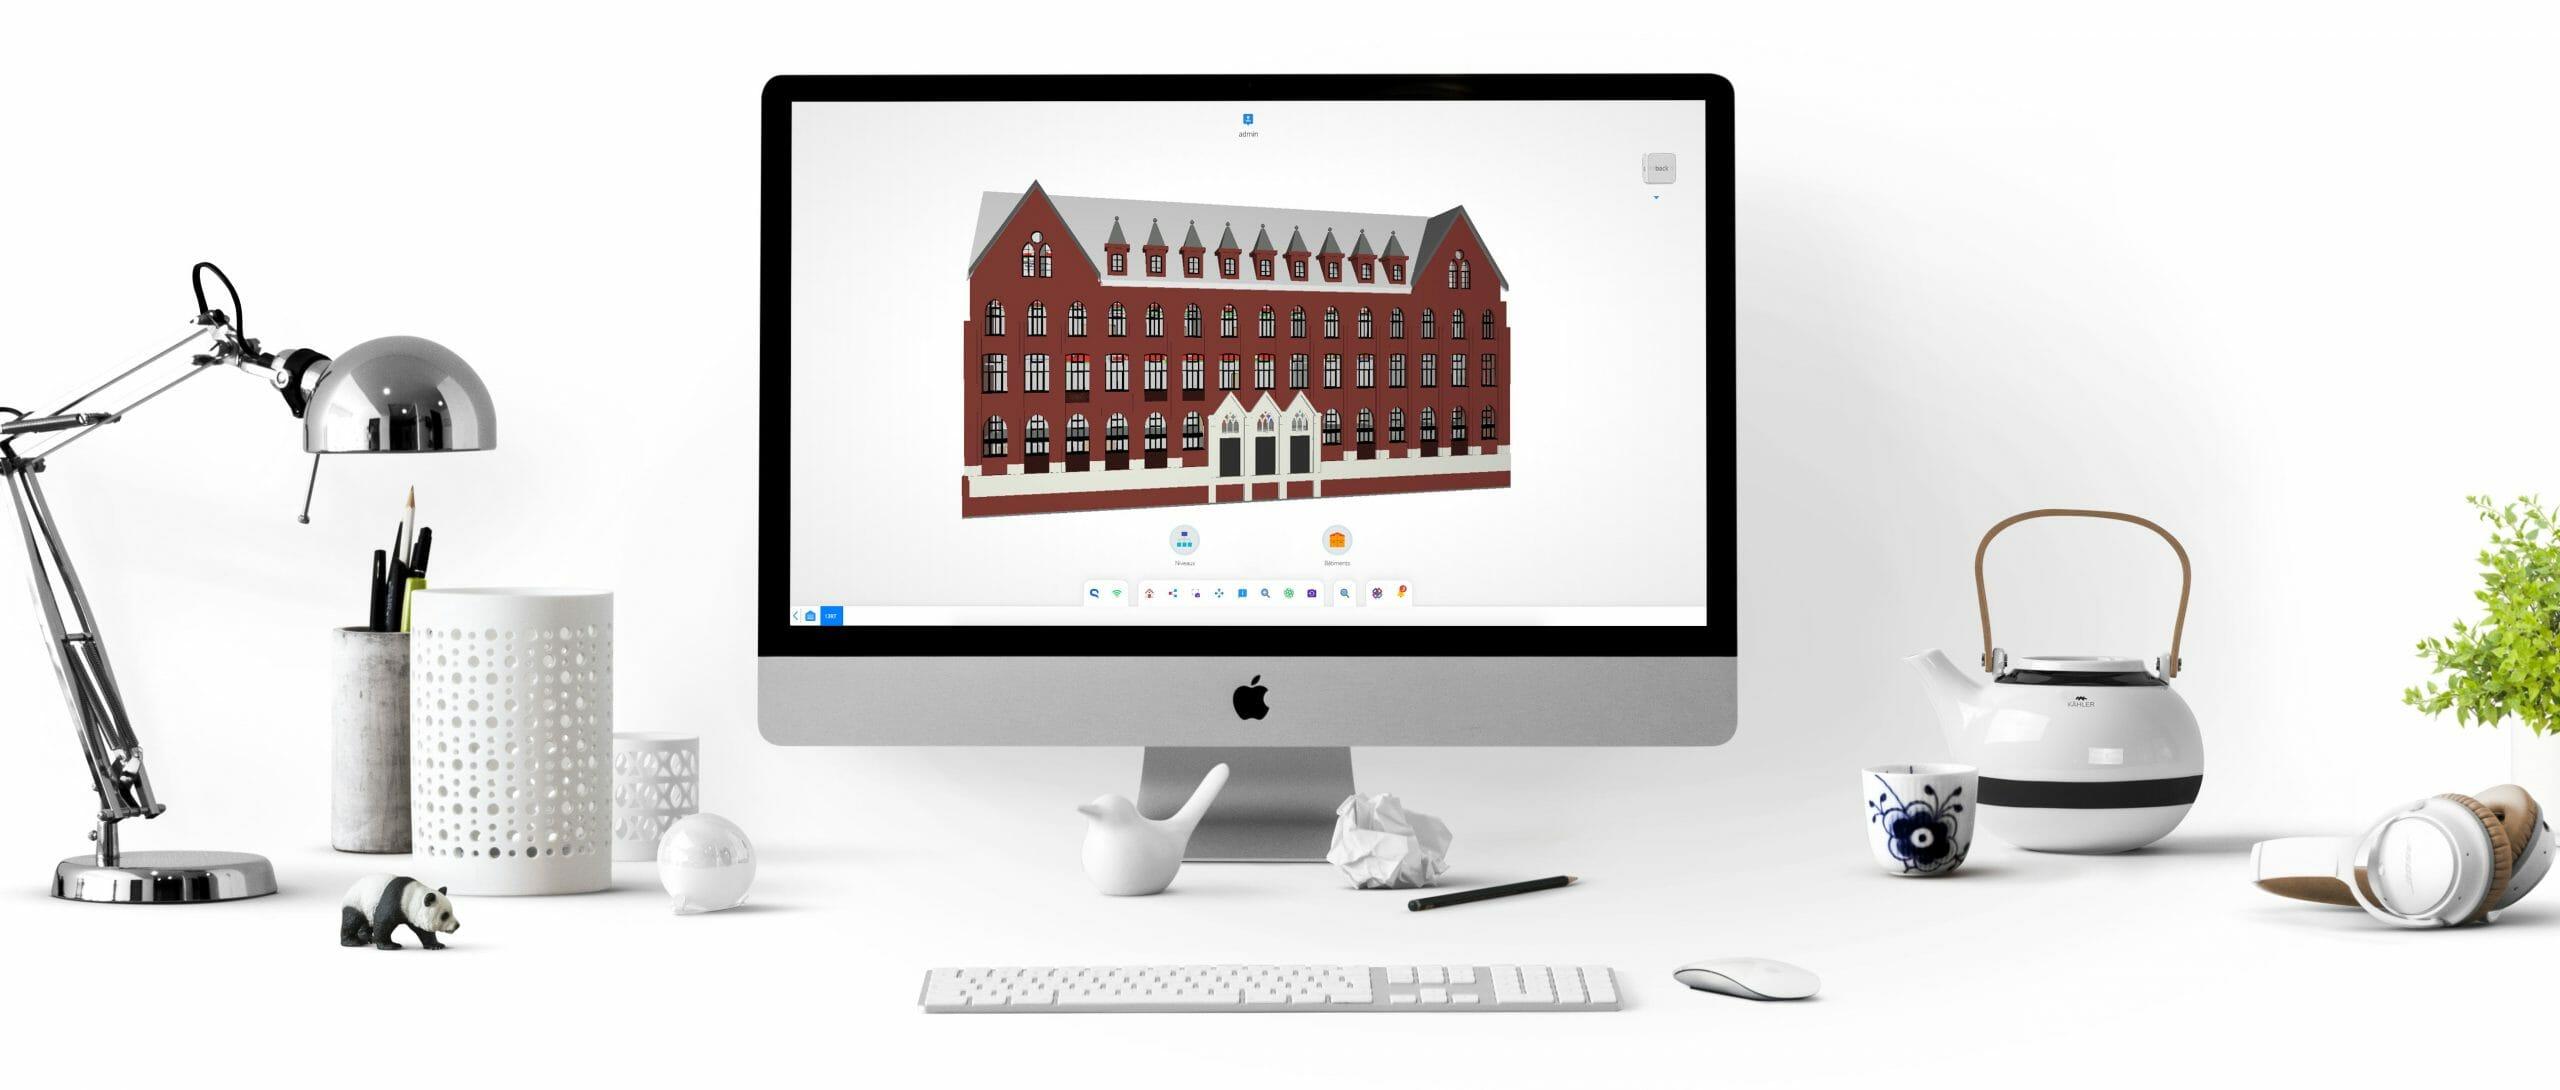 Capture d'écran Teia bâtiment Yncréa